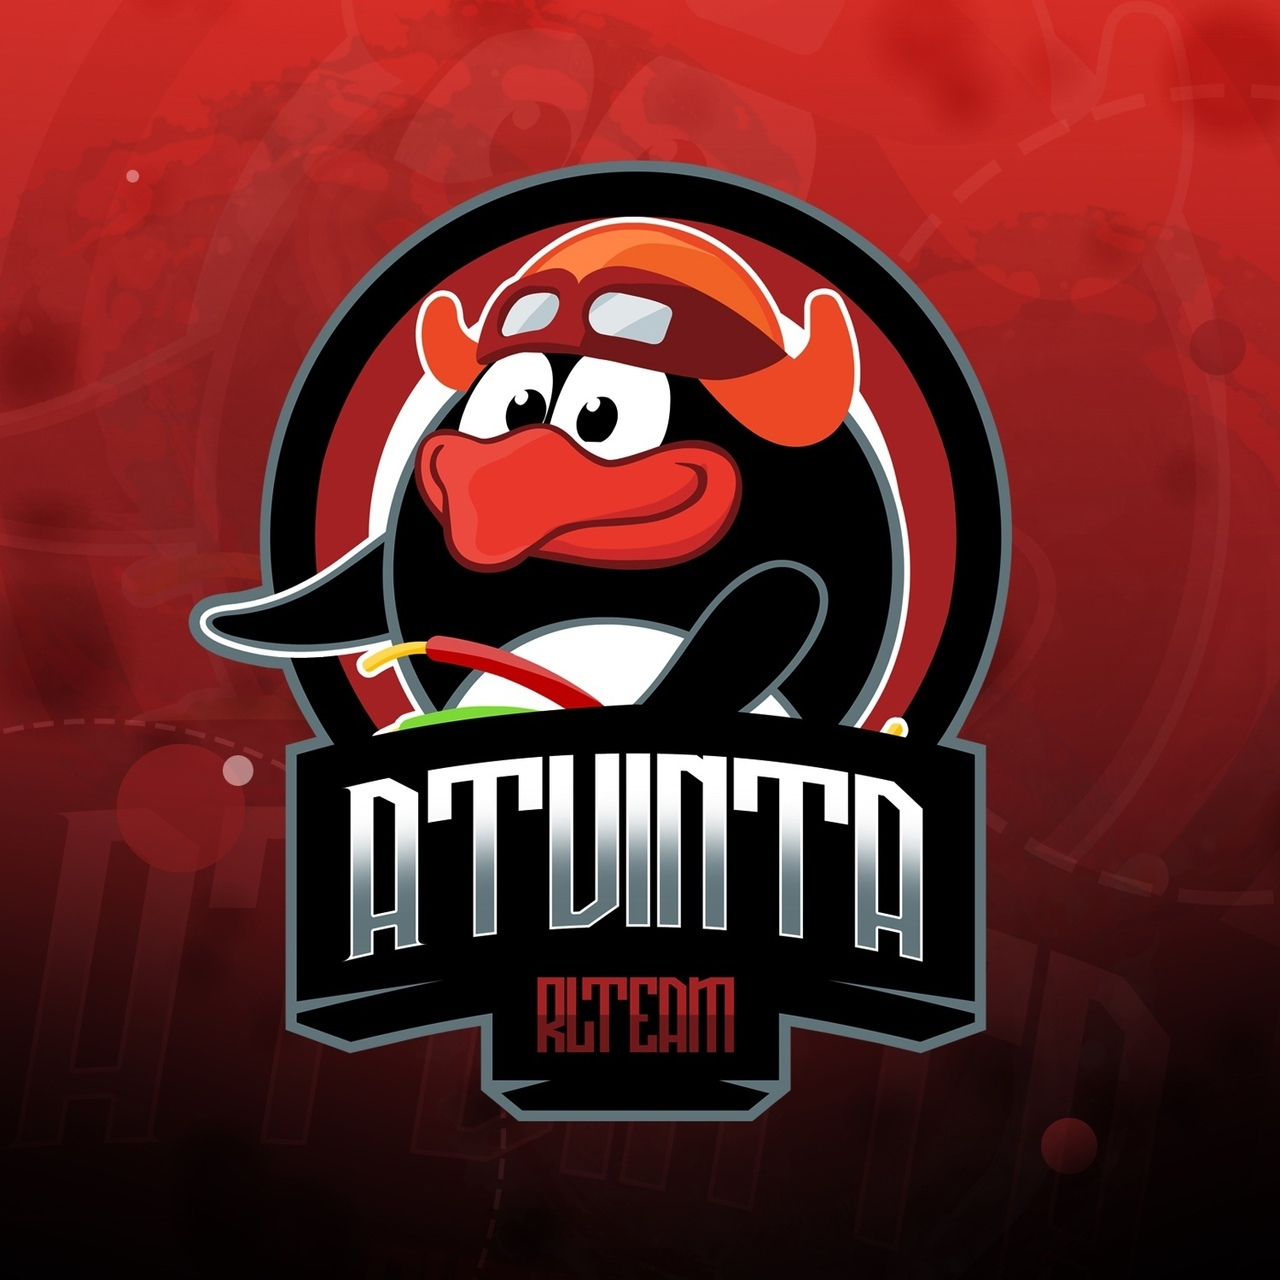 ATVINTA's logo